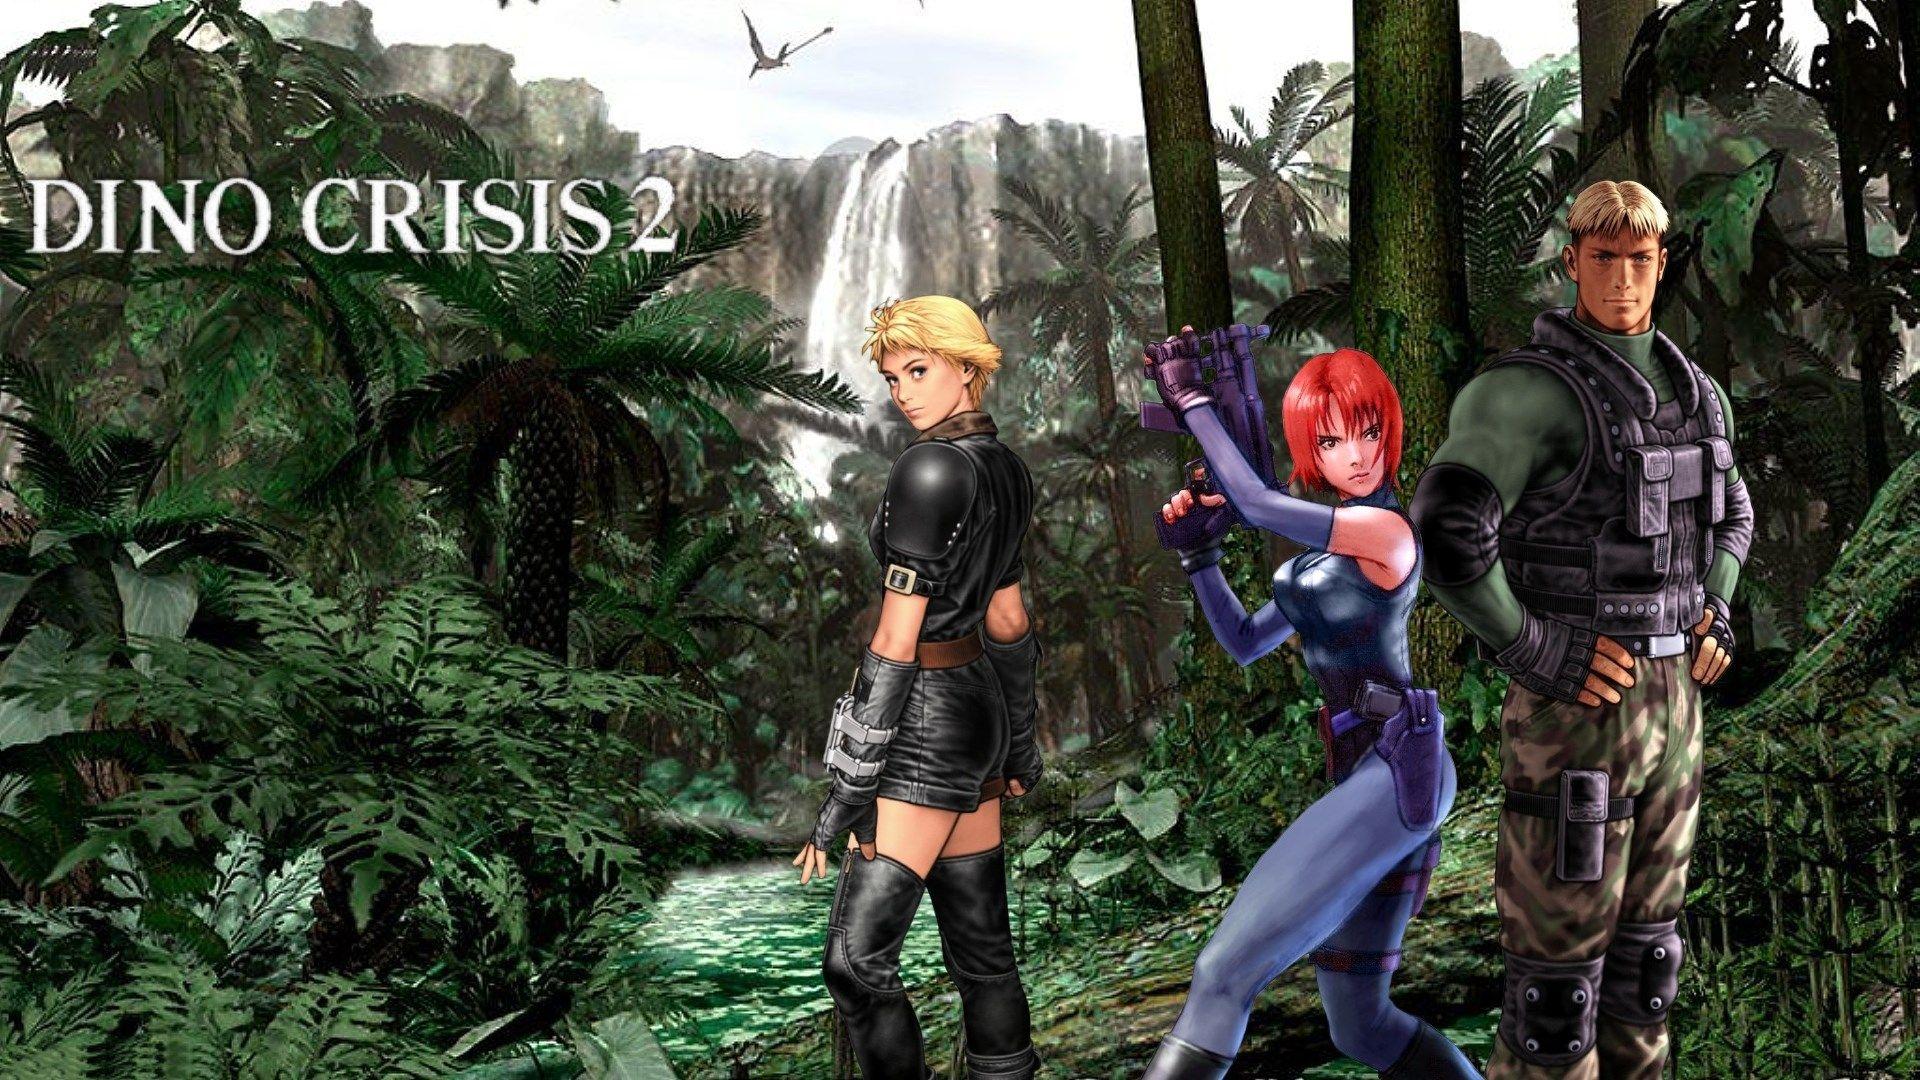 Free Computer Wallpaper For Dino Crisis 2 Dino Crisis Dinos Crisis